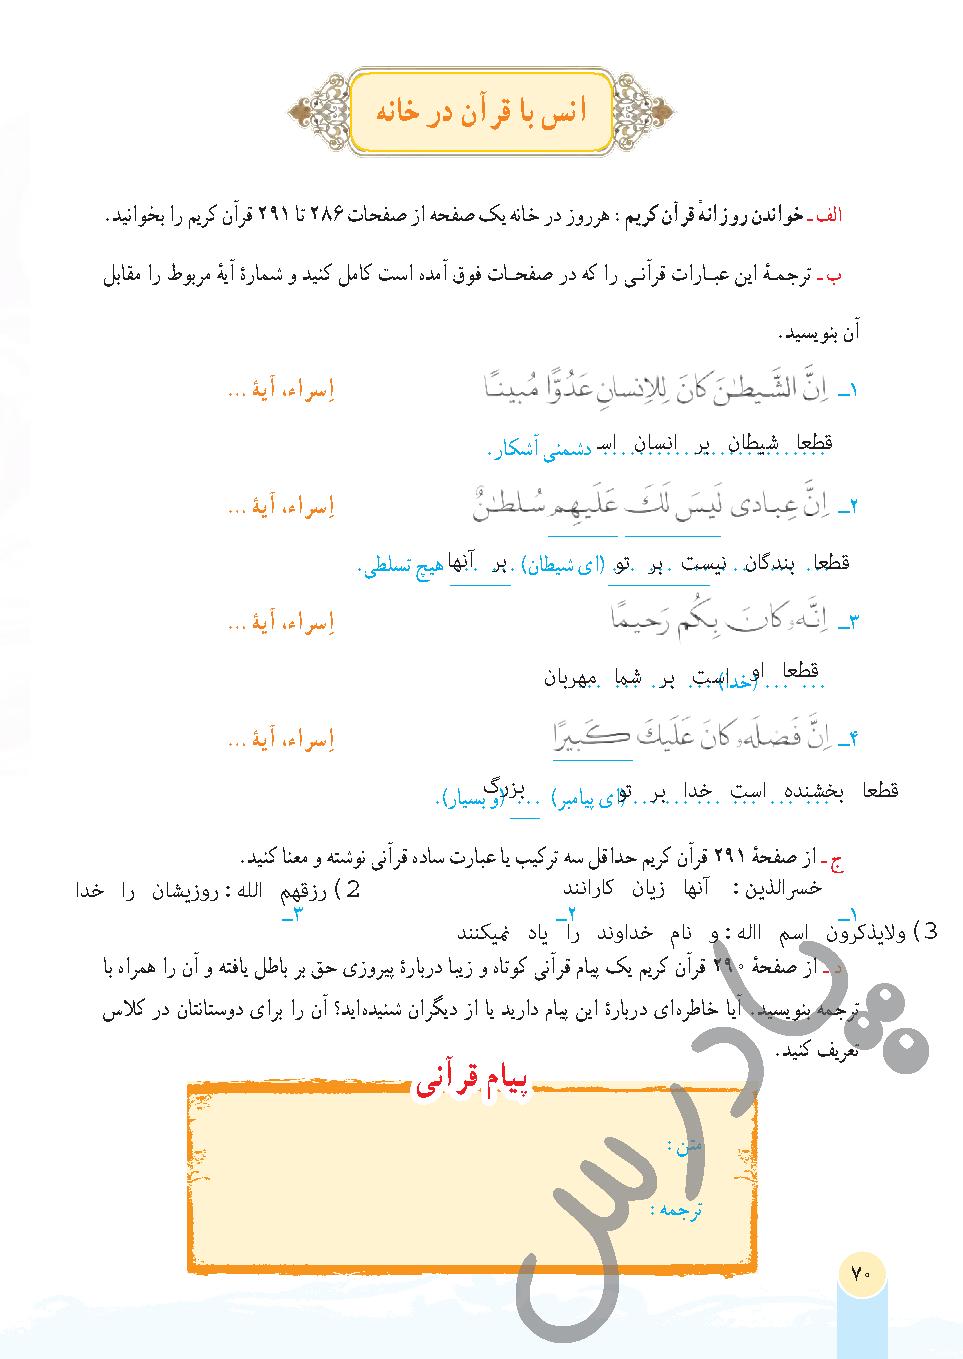 جواب انس با قرآن درس 7 قرآن هفتم - جلسه دوم